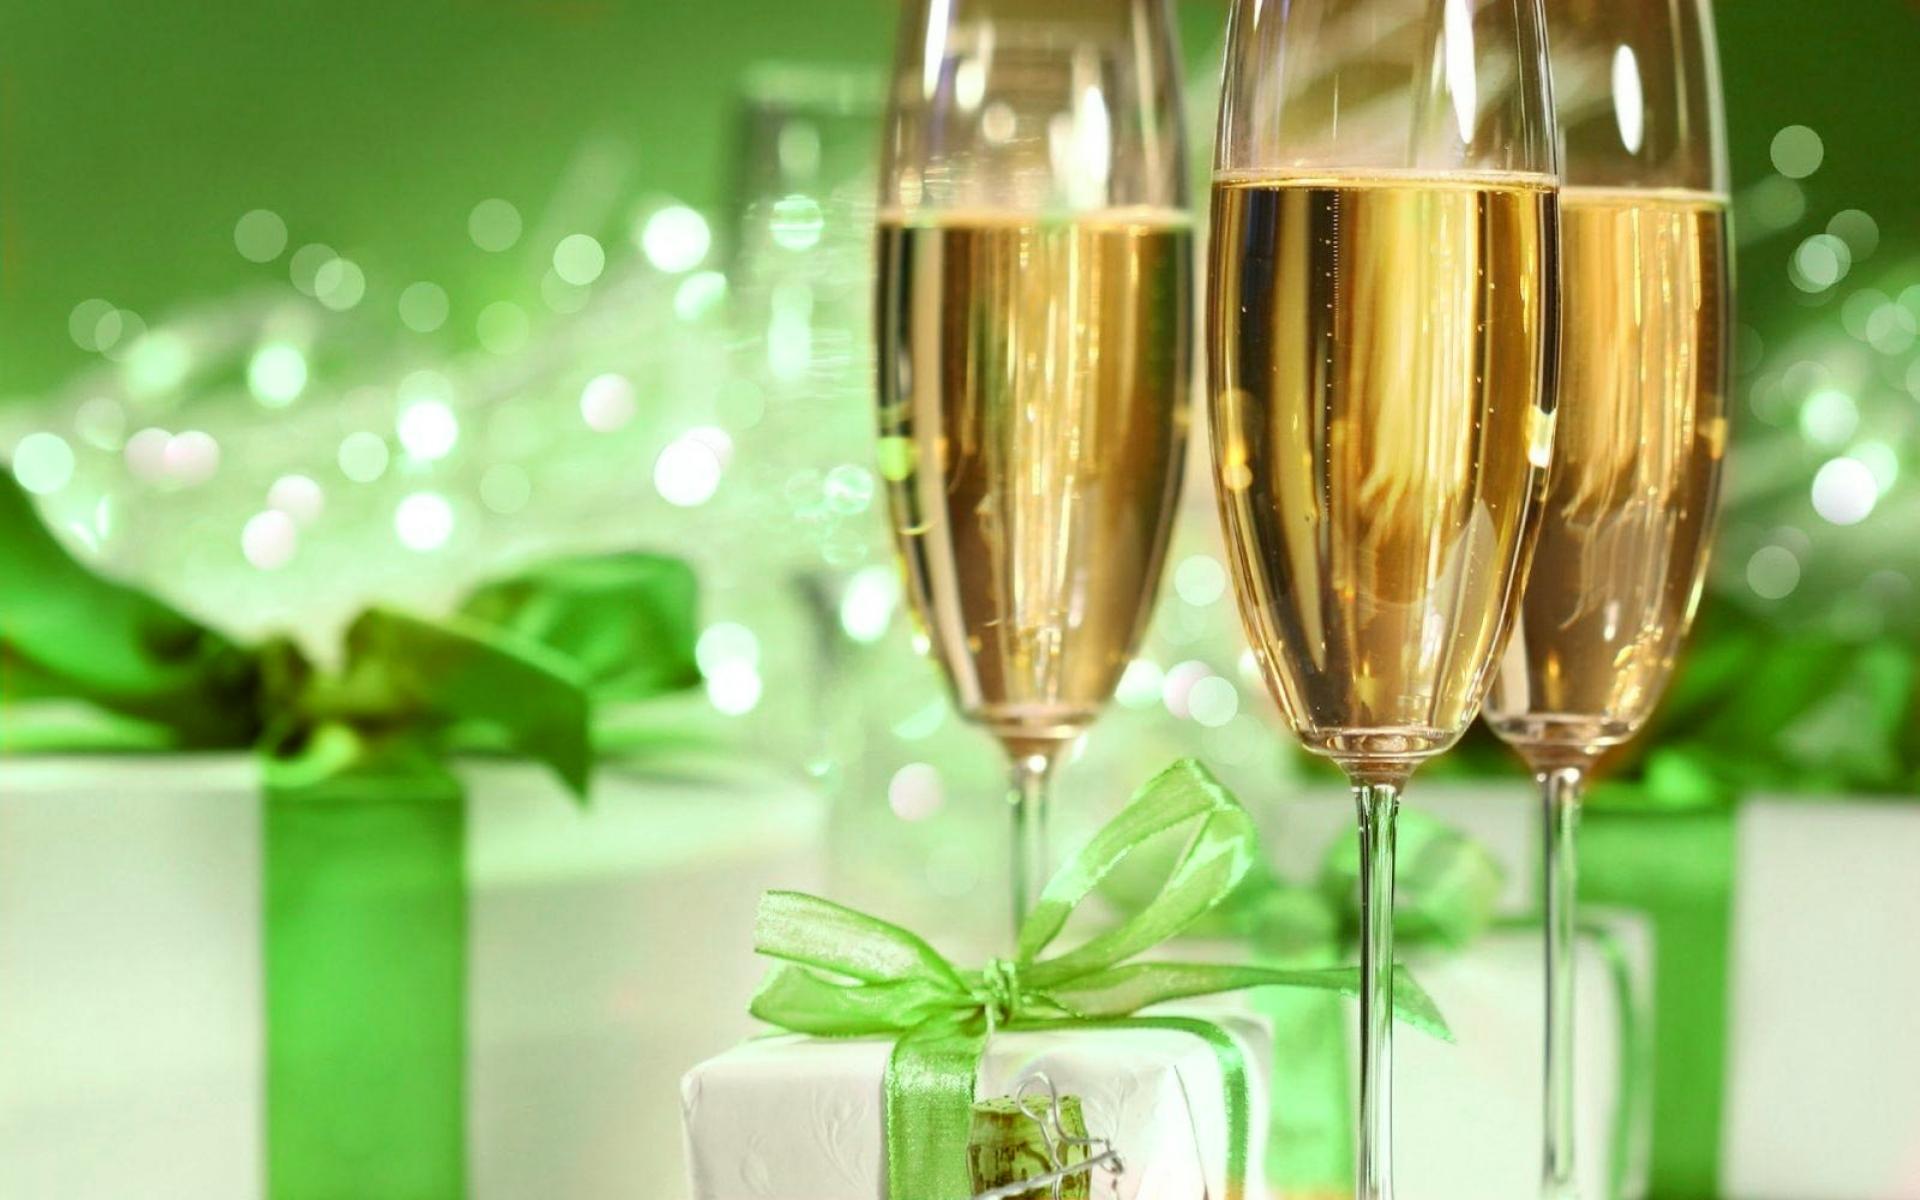 prettige feestdagen 2019 , gelukkig nieuwjaar 2020, fijne feestdagen 2019, kerstdagen 2019